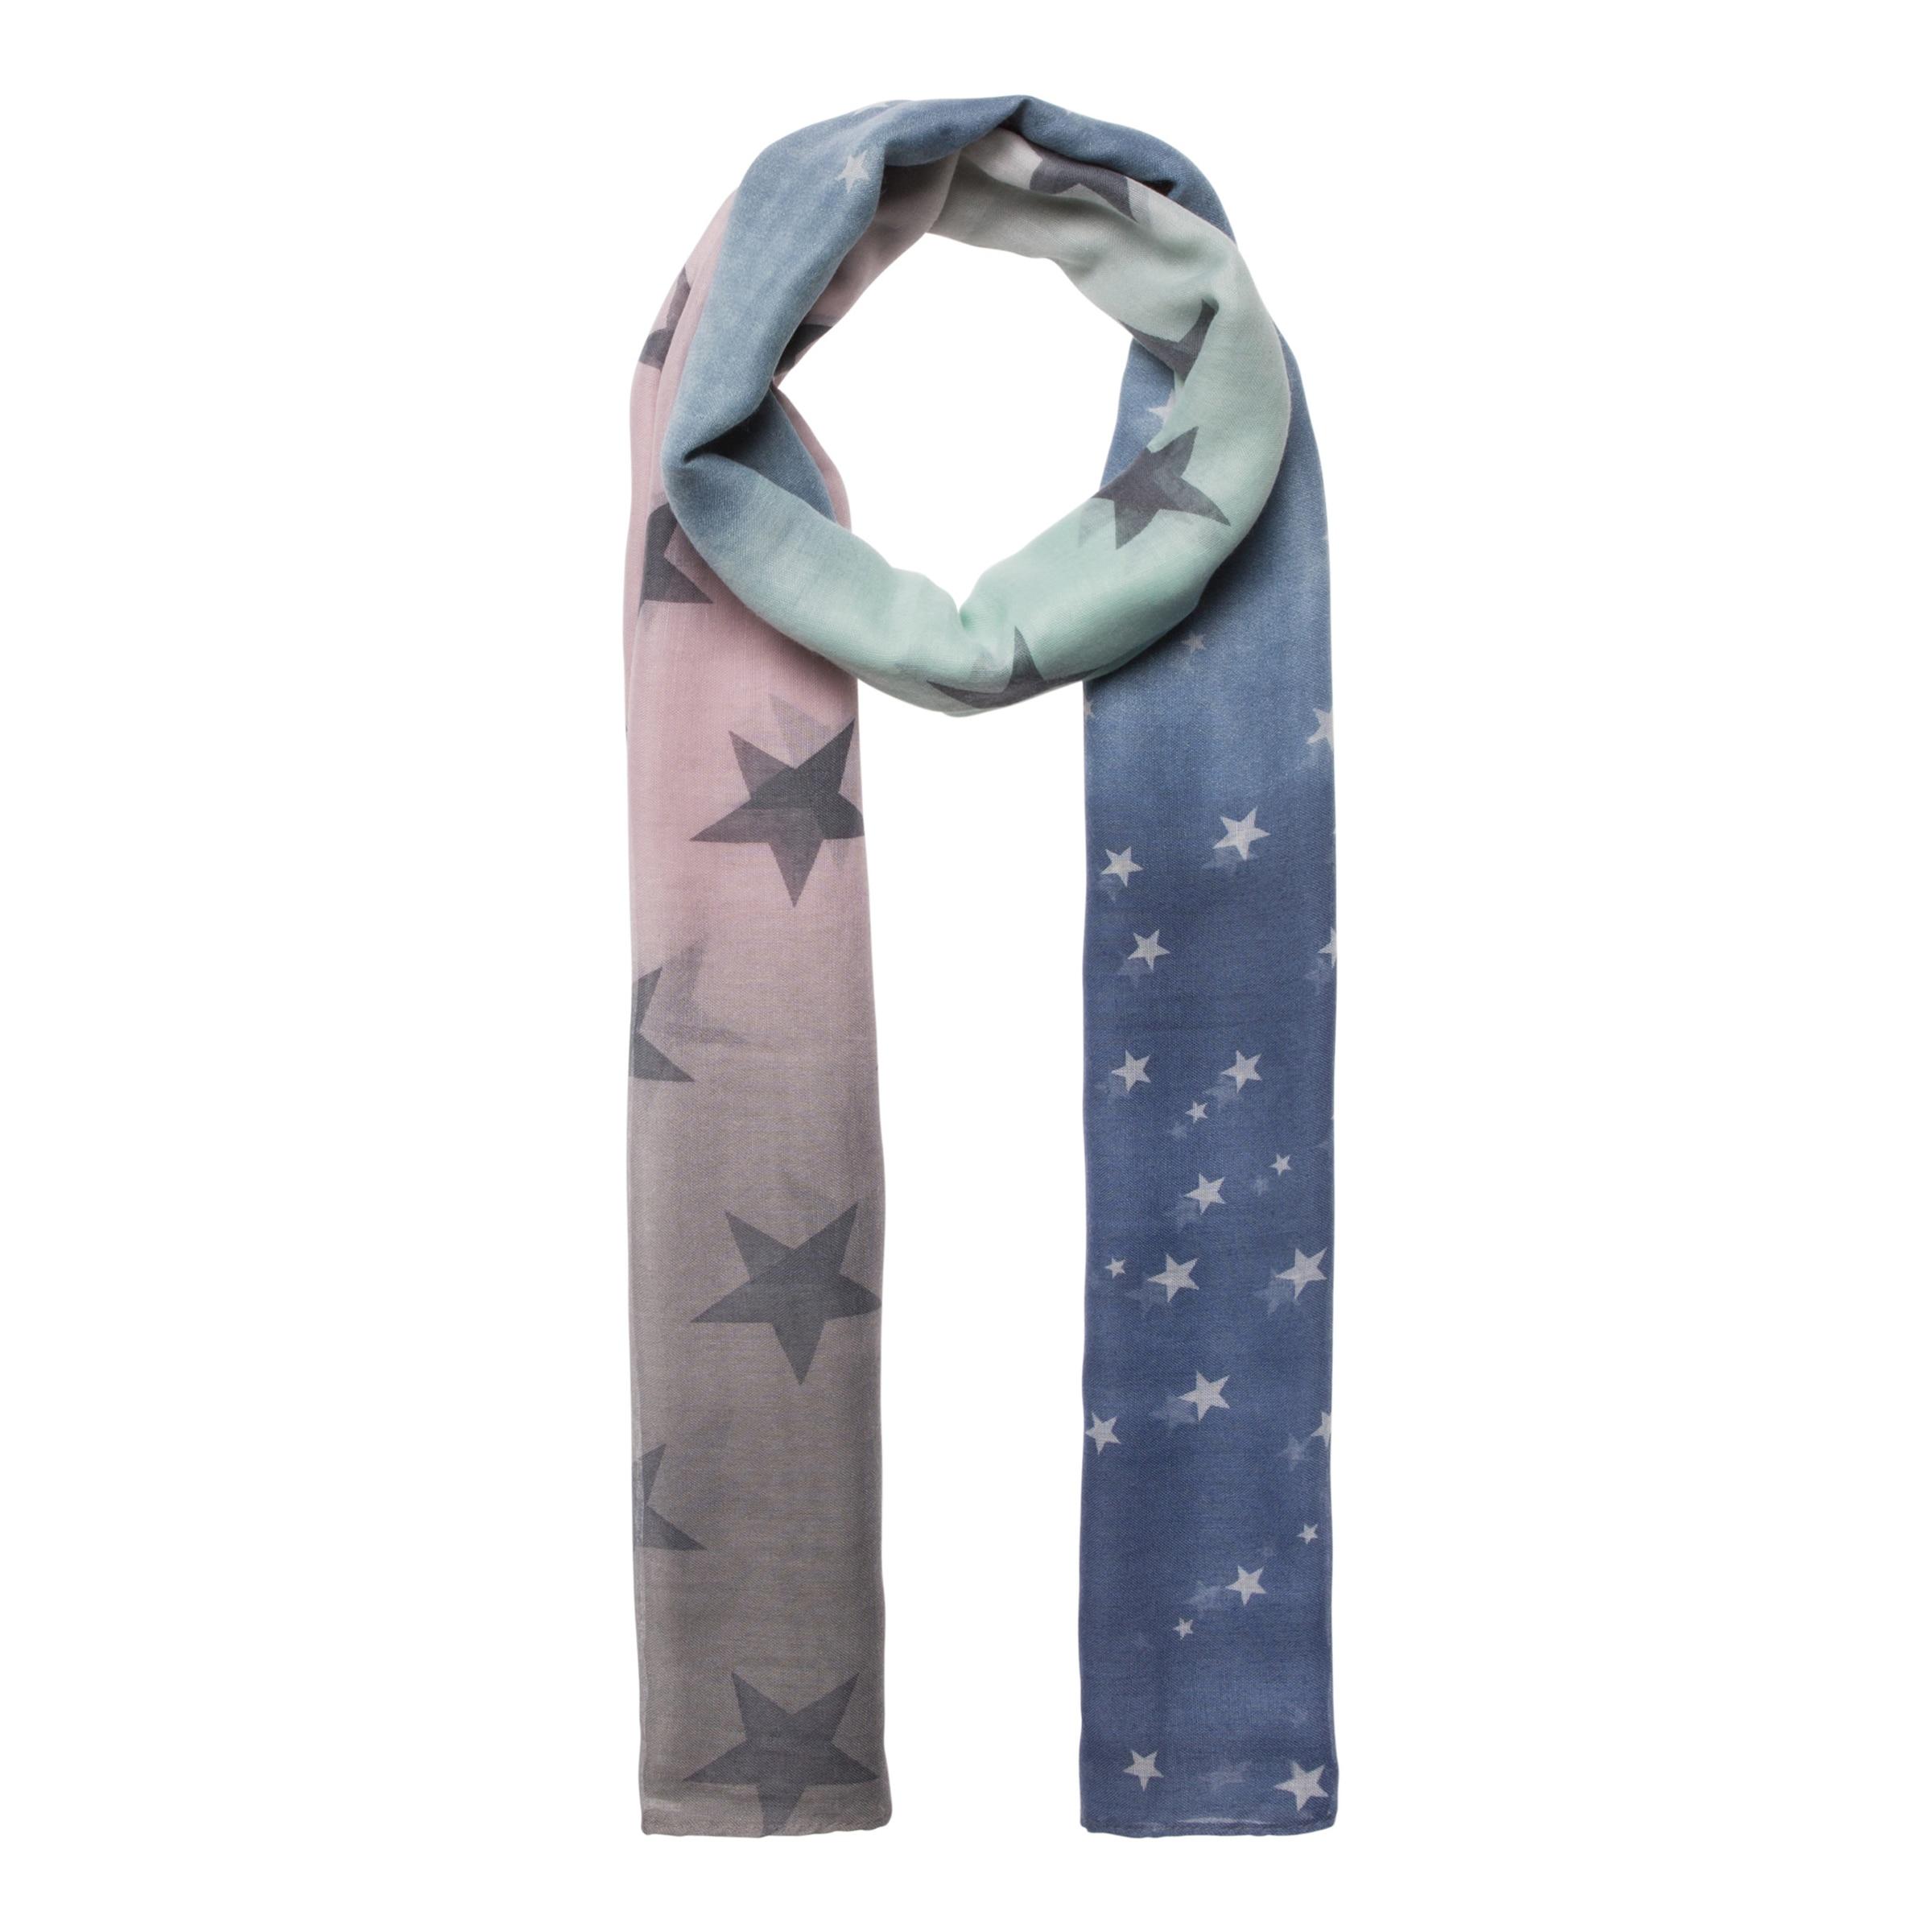 CODELLO Ombré-Schal mit Sternchen-Muster Freies Verschiffen Kauf Für Schöne Online Verkauf In Mode Kaufen Sie Günstig Online Einkaufen Niedriger Preis Versandkosten Für Online cBfRyV